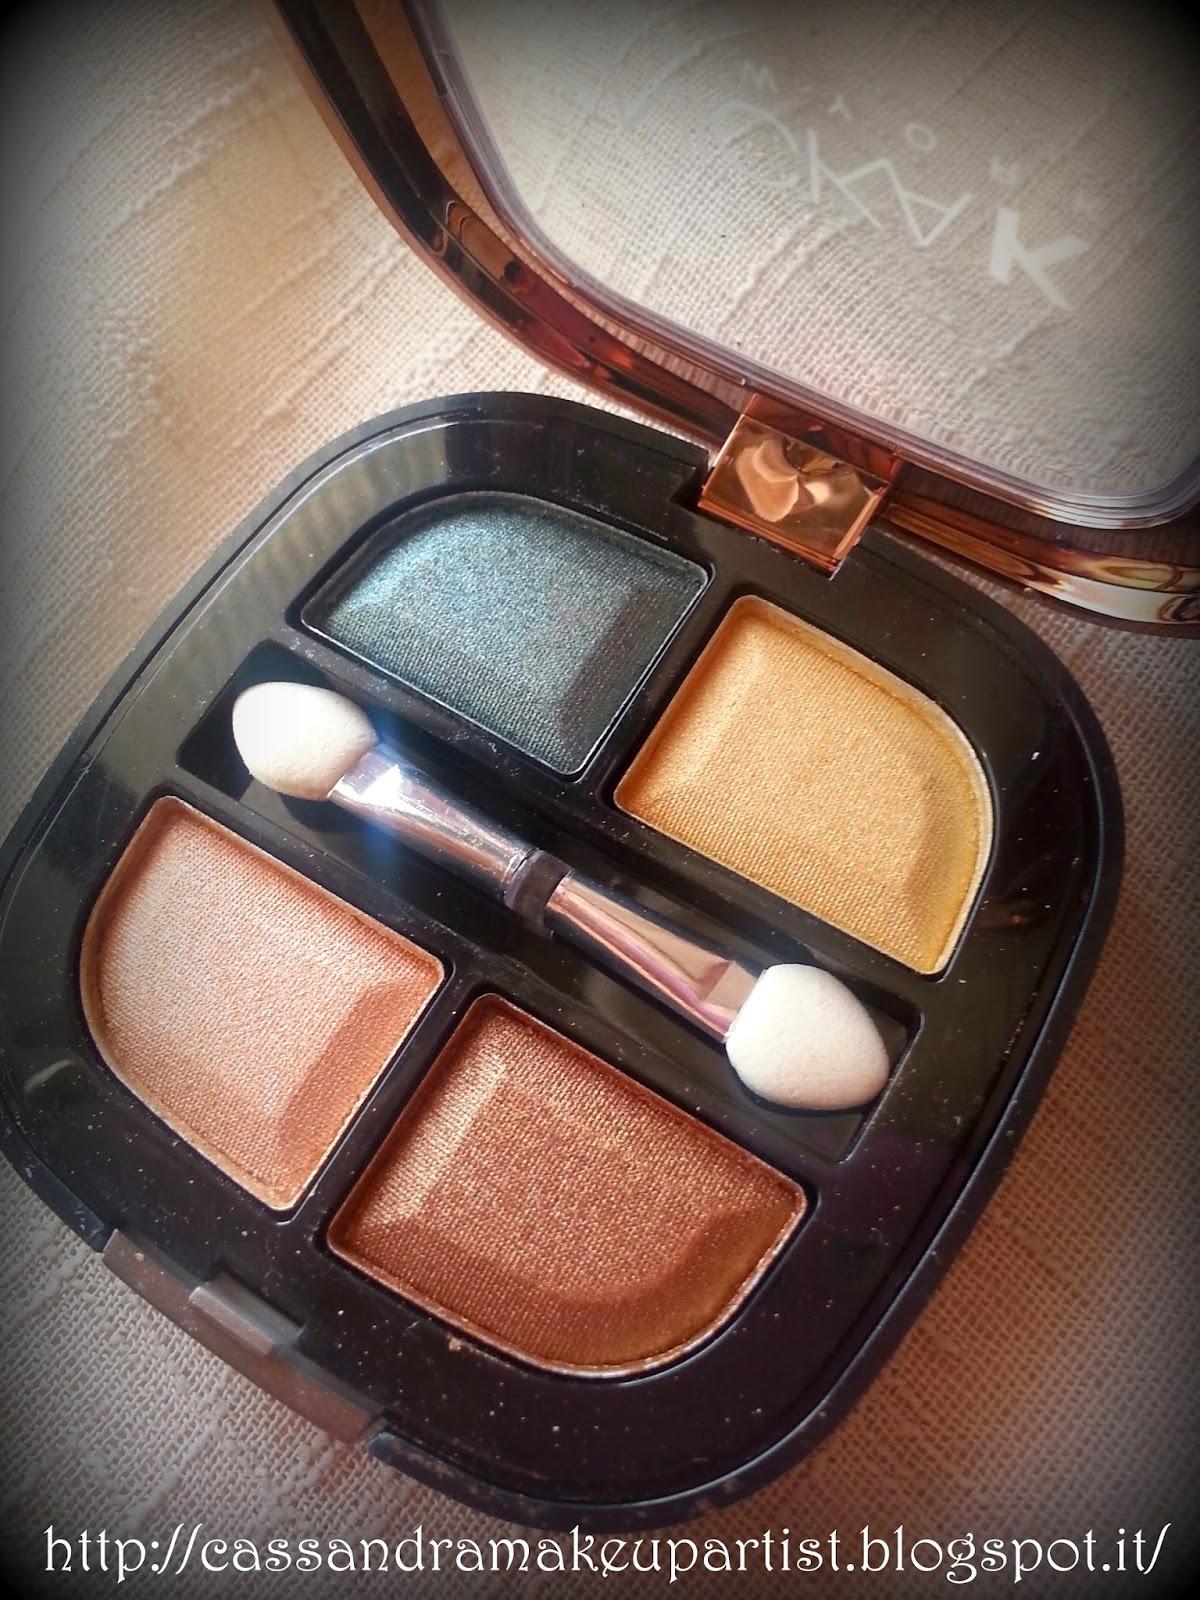 NICKA K New York - blogger tester - review - recensione - smalto nail laquer lip color maxi satin primer - prezzi - swatch